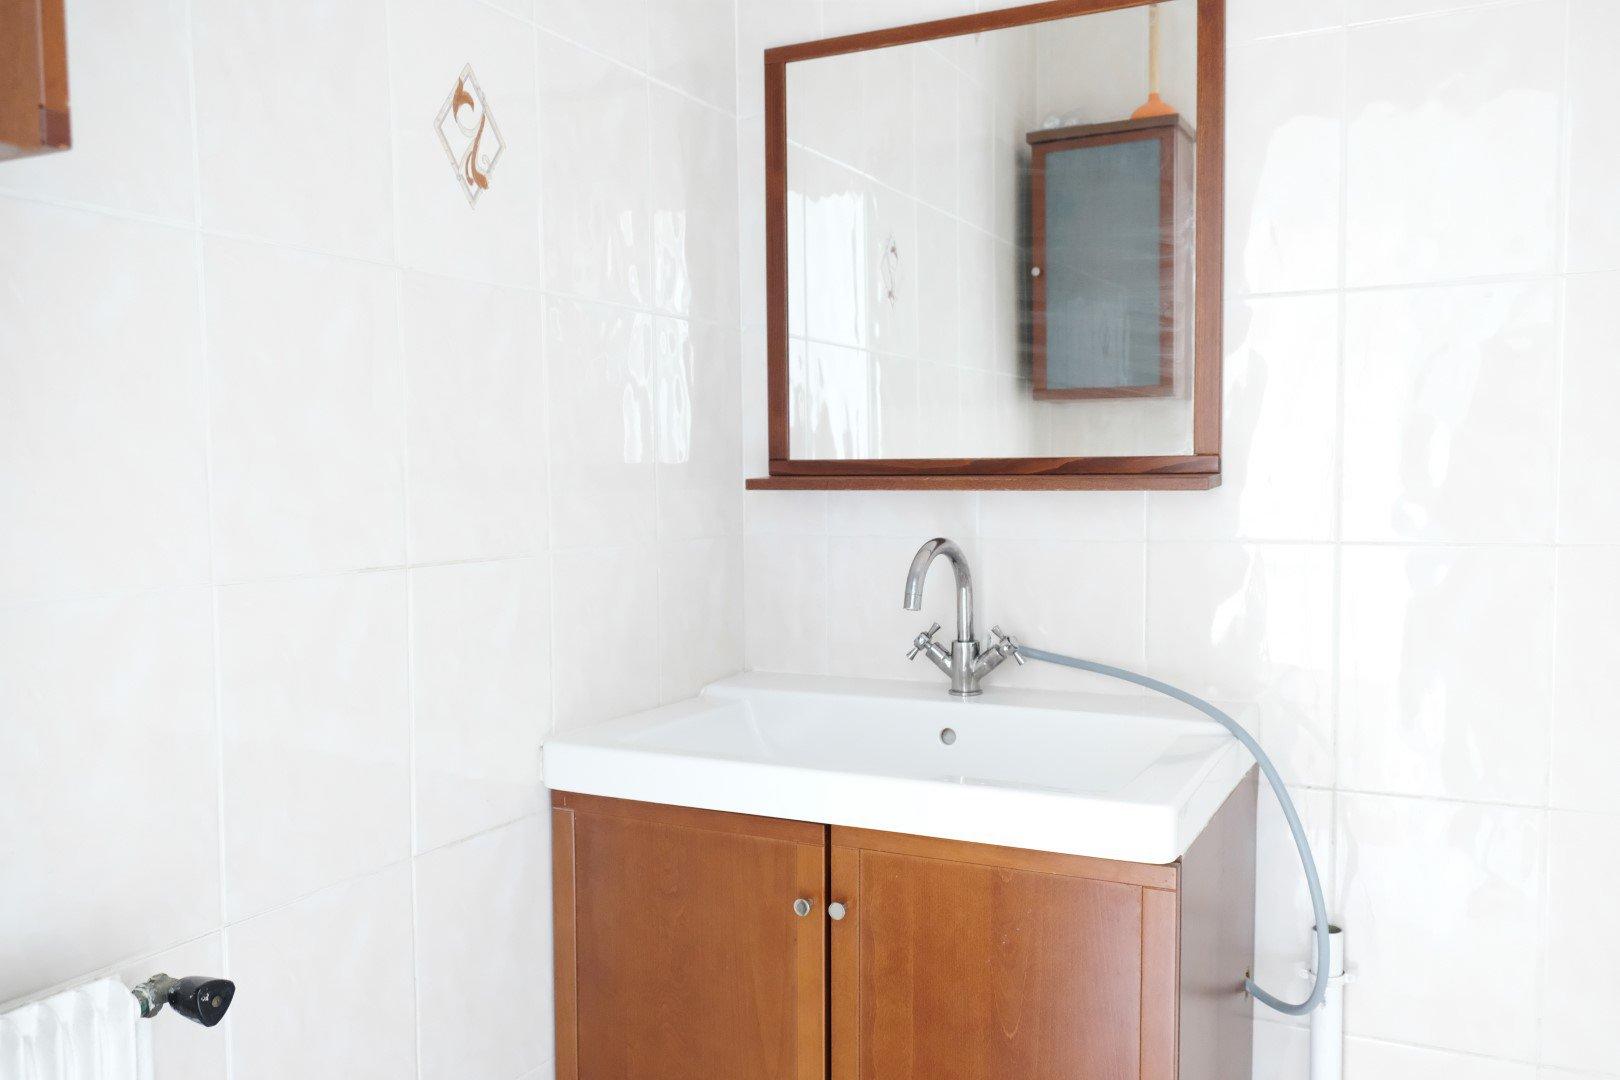 Achat Appartement, Surface de 43.38 m²/ Total carrez : 43 m², 2 pièces, Villeurbanne (69100)